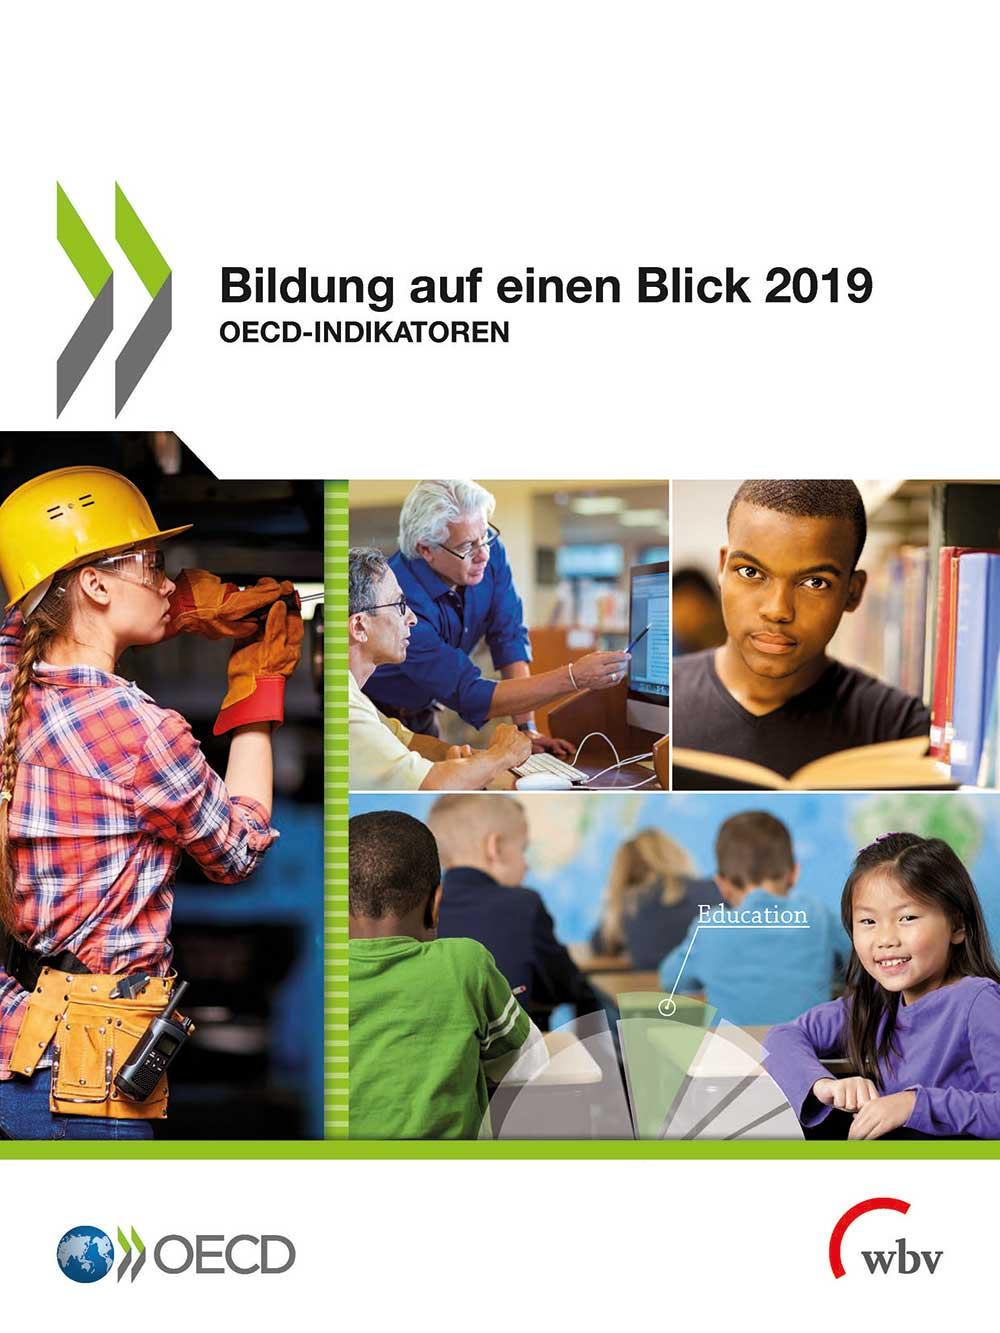 """""""Bildung auf einen Blick 2019"""": Mehr Hochqualifizierte, aber auch mehr Jugendliche ohne Arbeit und Ausbildung"""